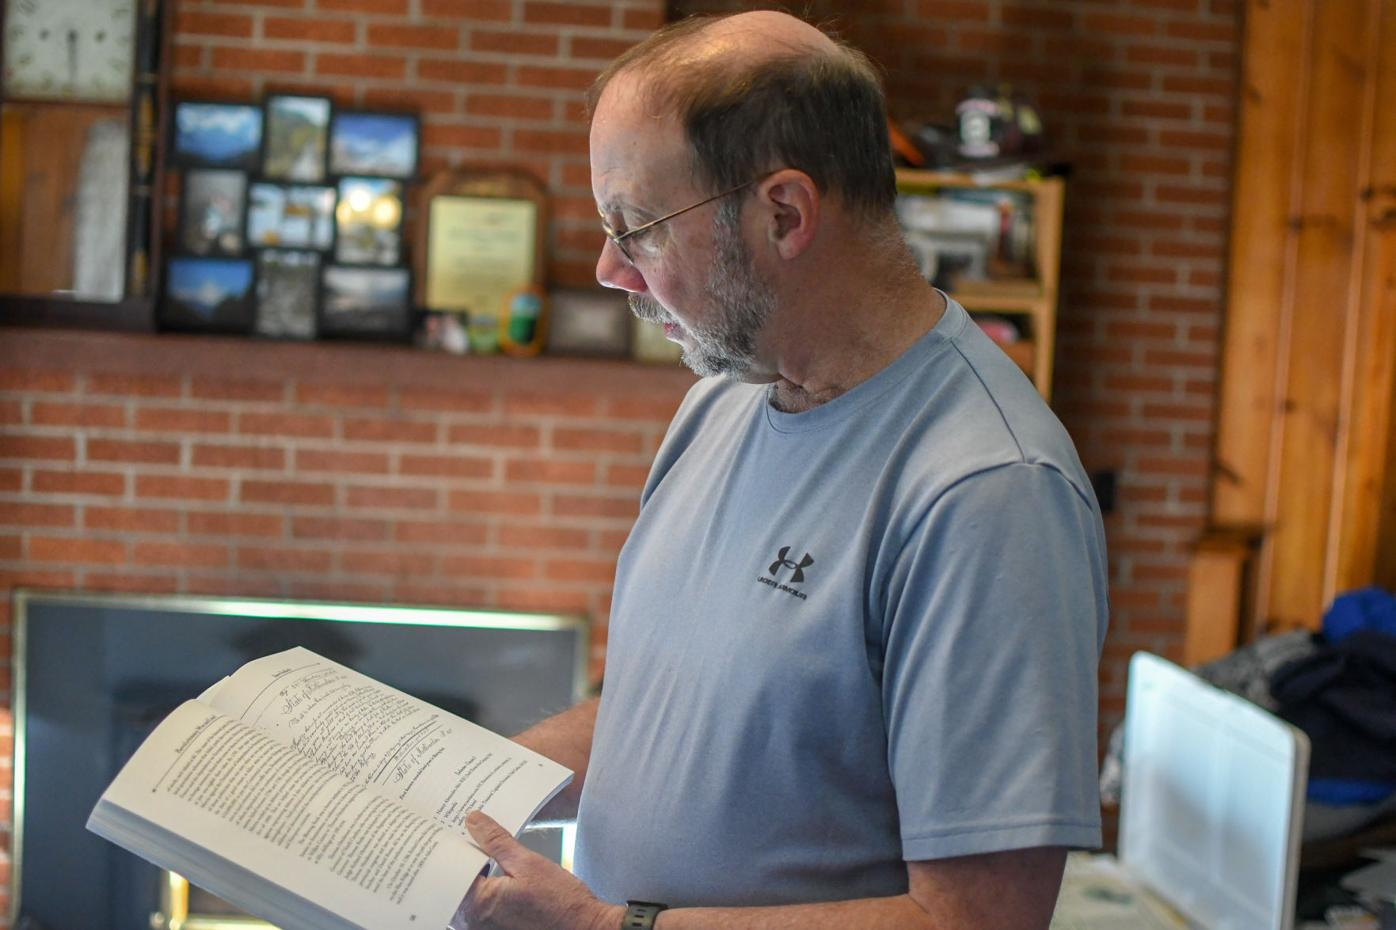 Steve Sudderth leafing through book